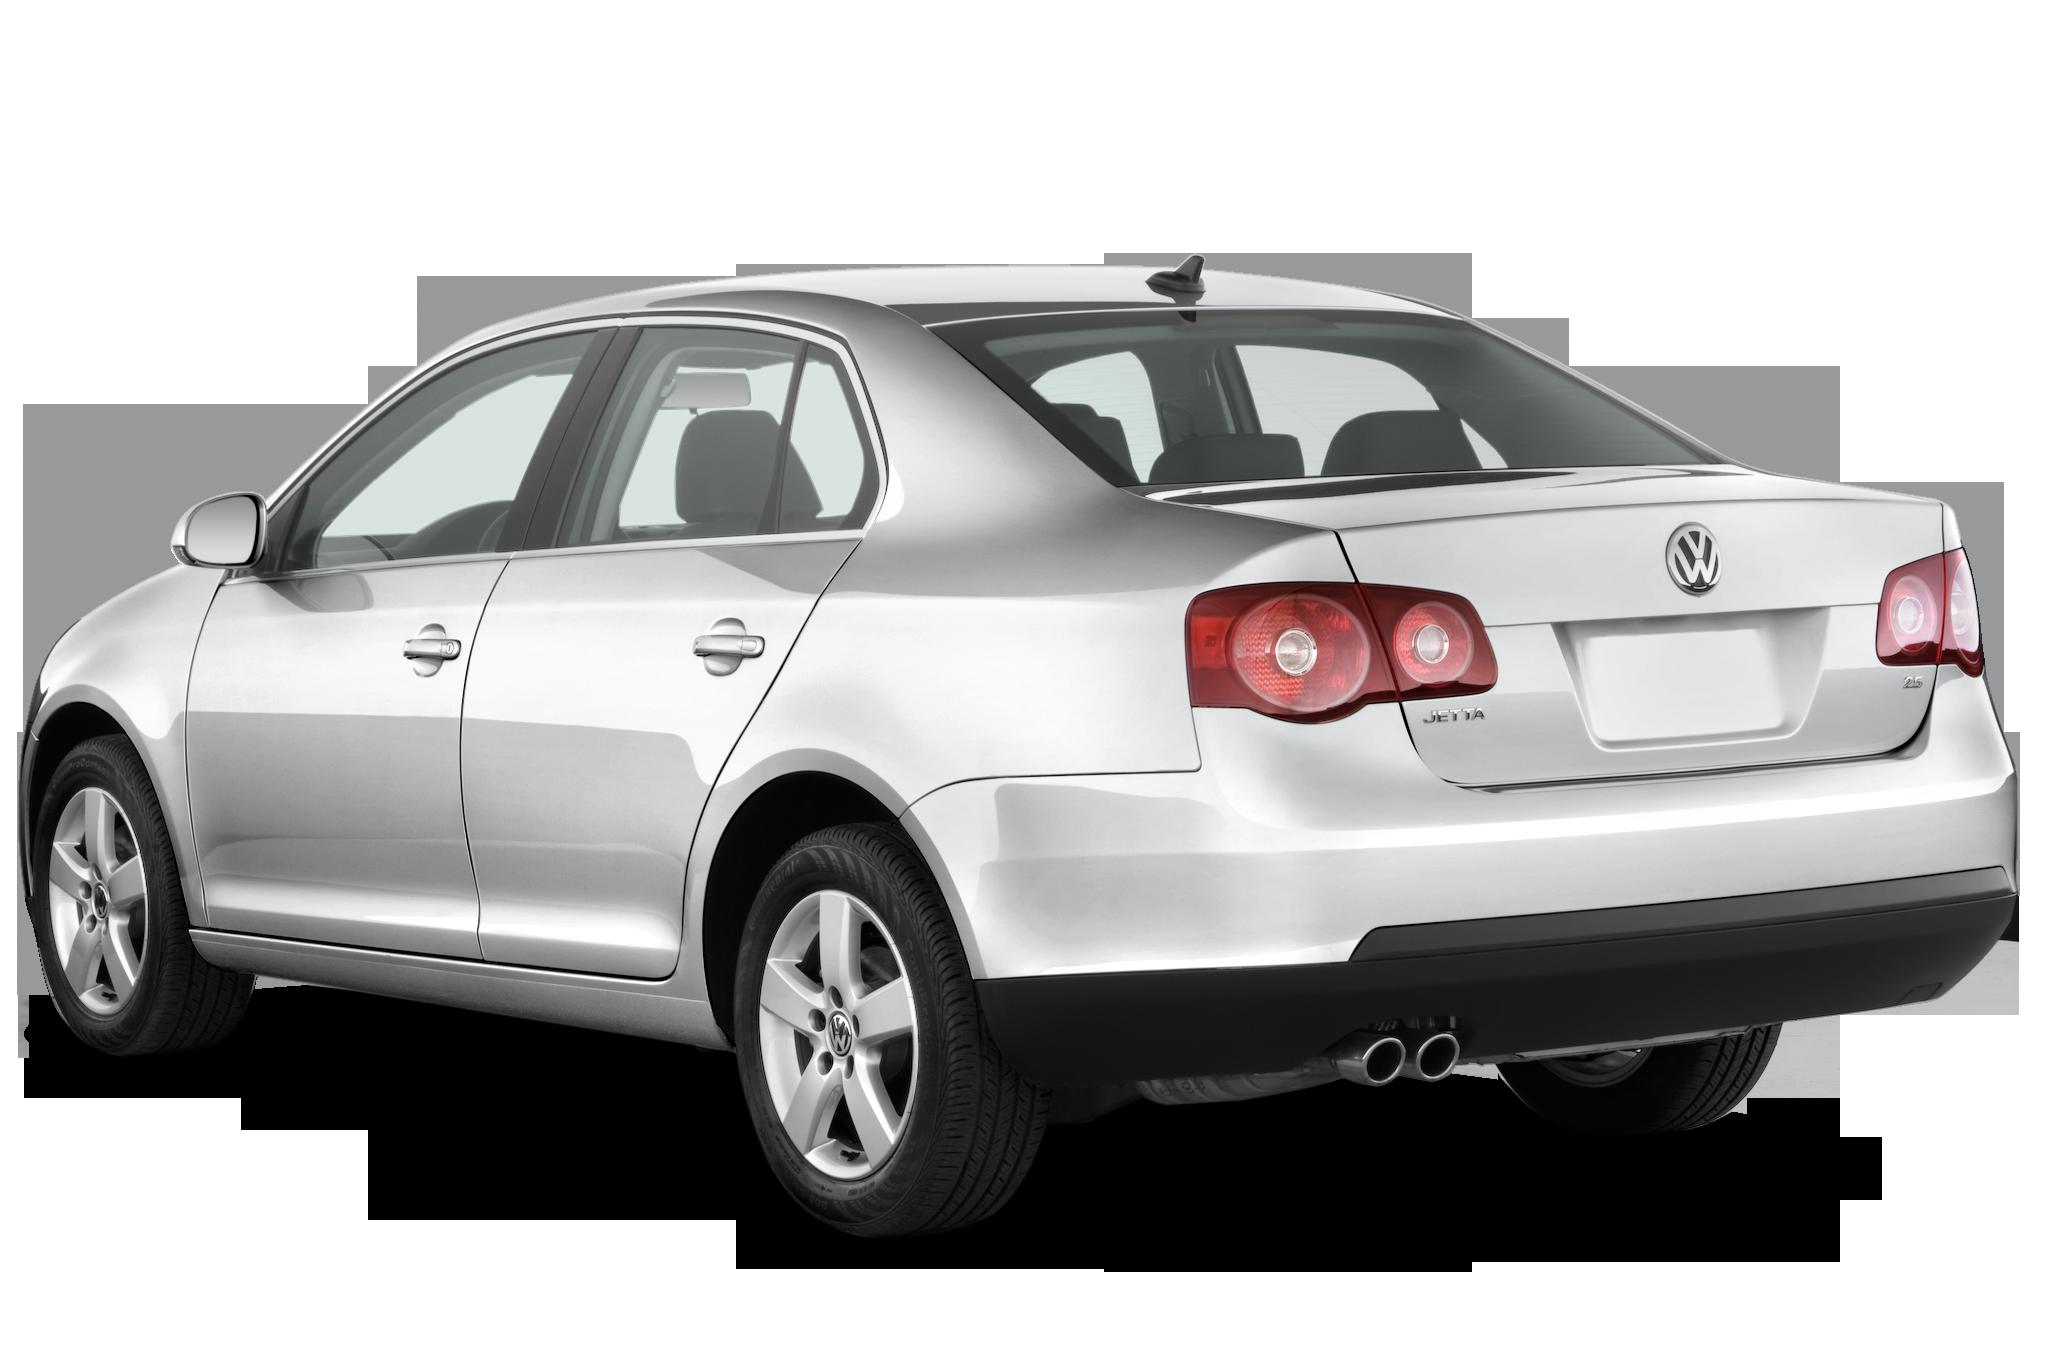 2010 Volkswagen Jetta Overview - MSN Autos